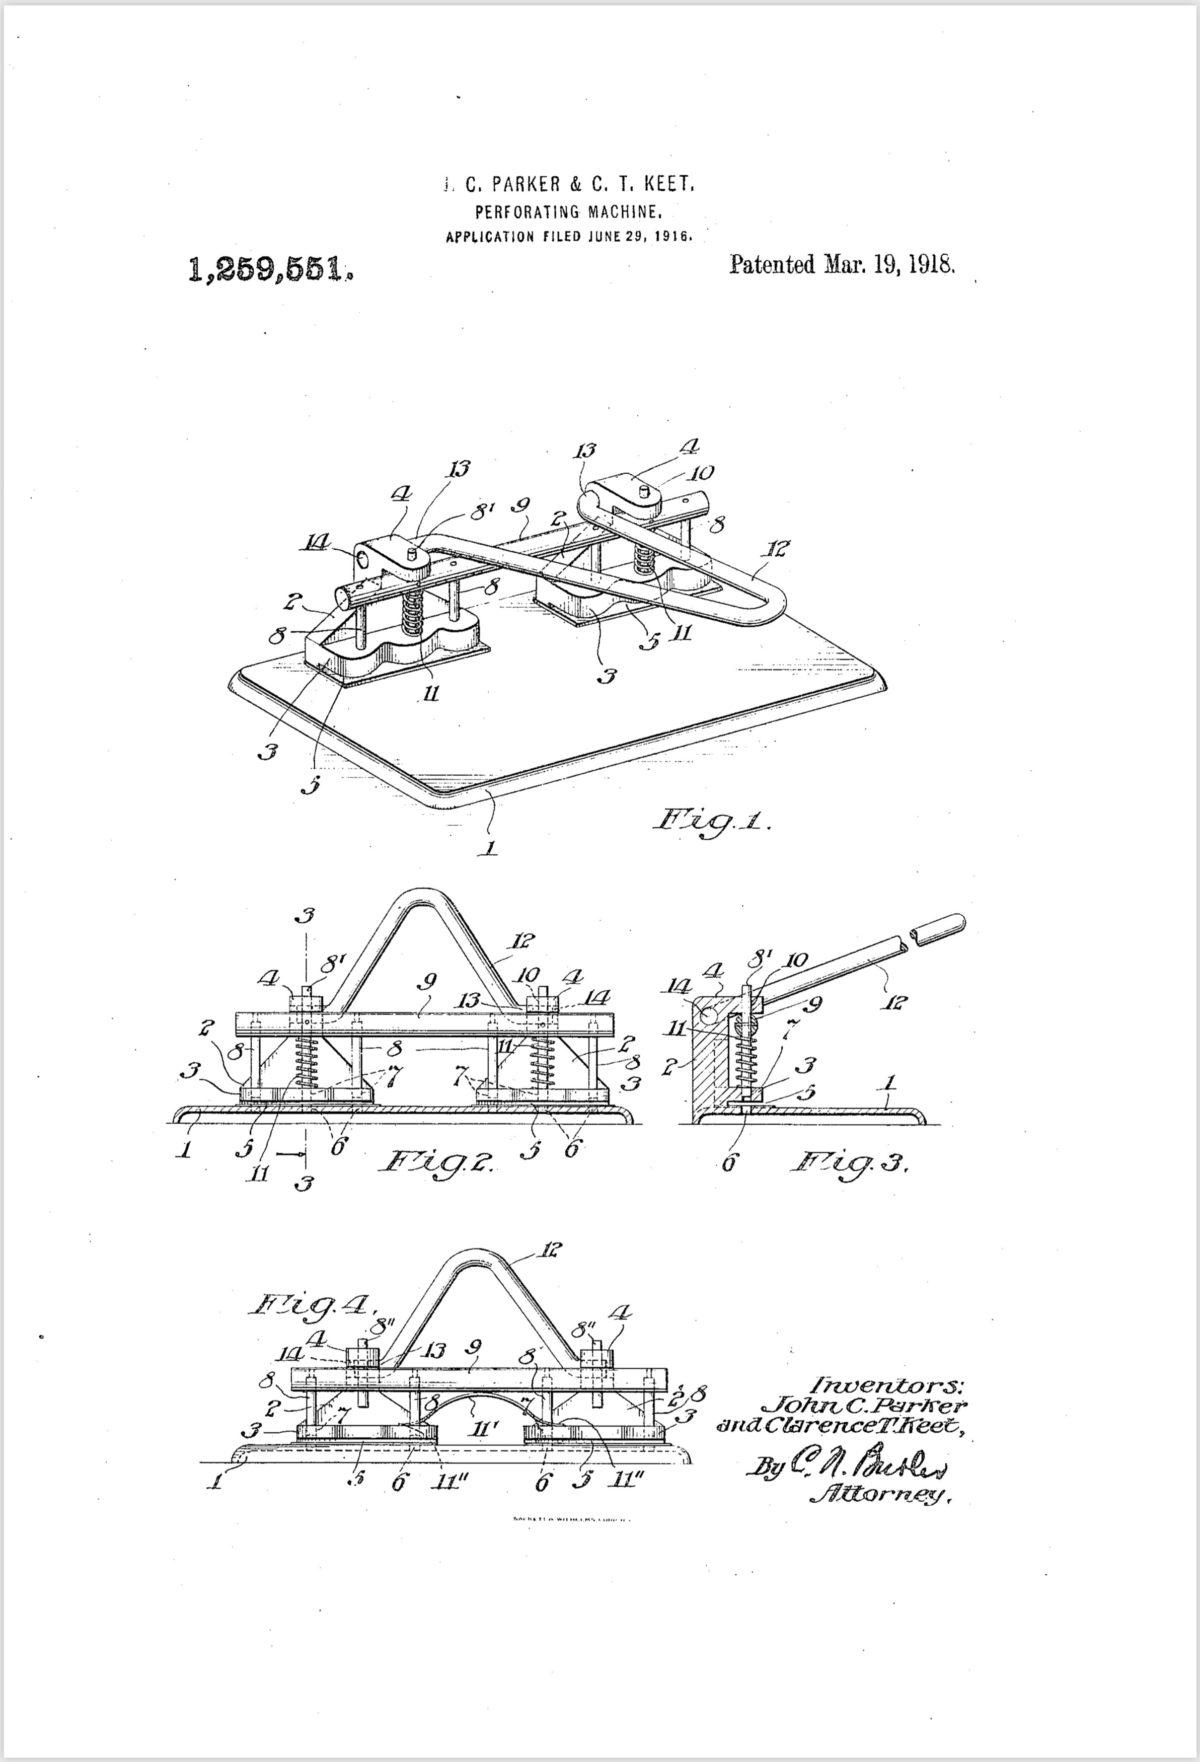 Lefax Paper Perforator Patent 1916/1918